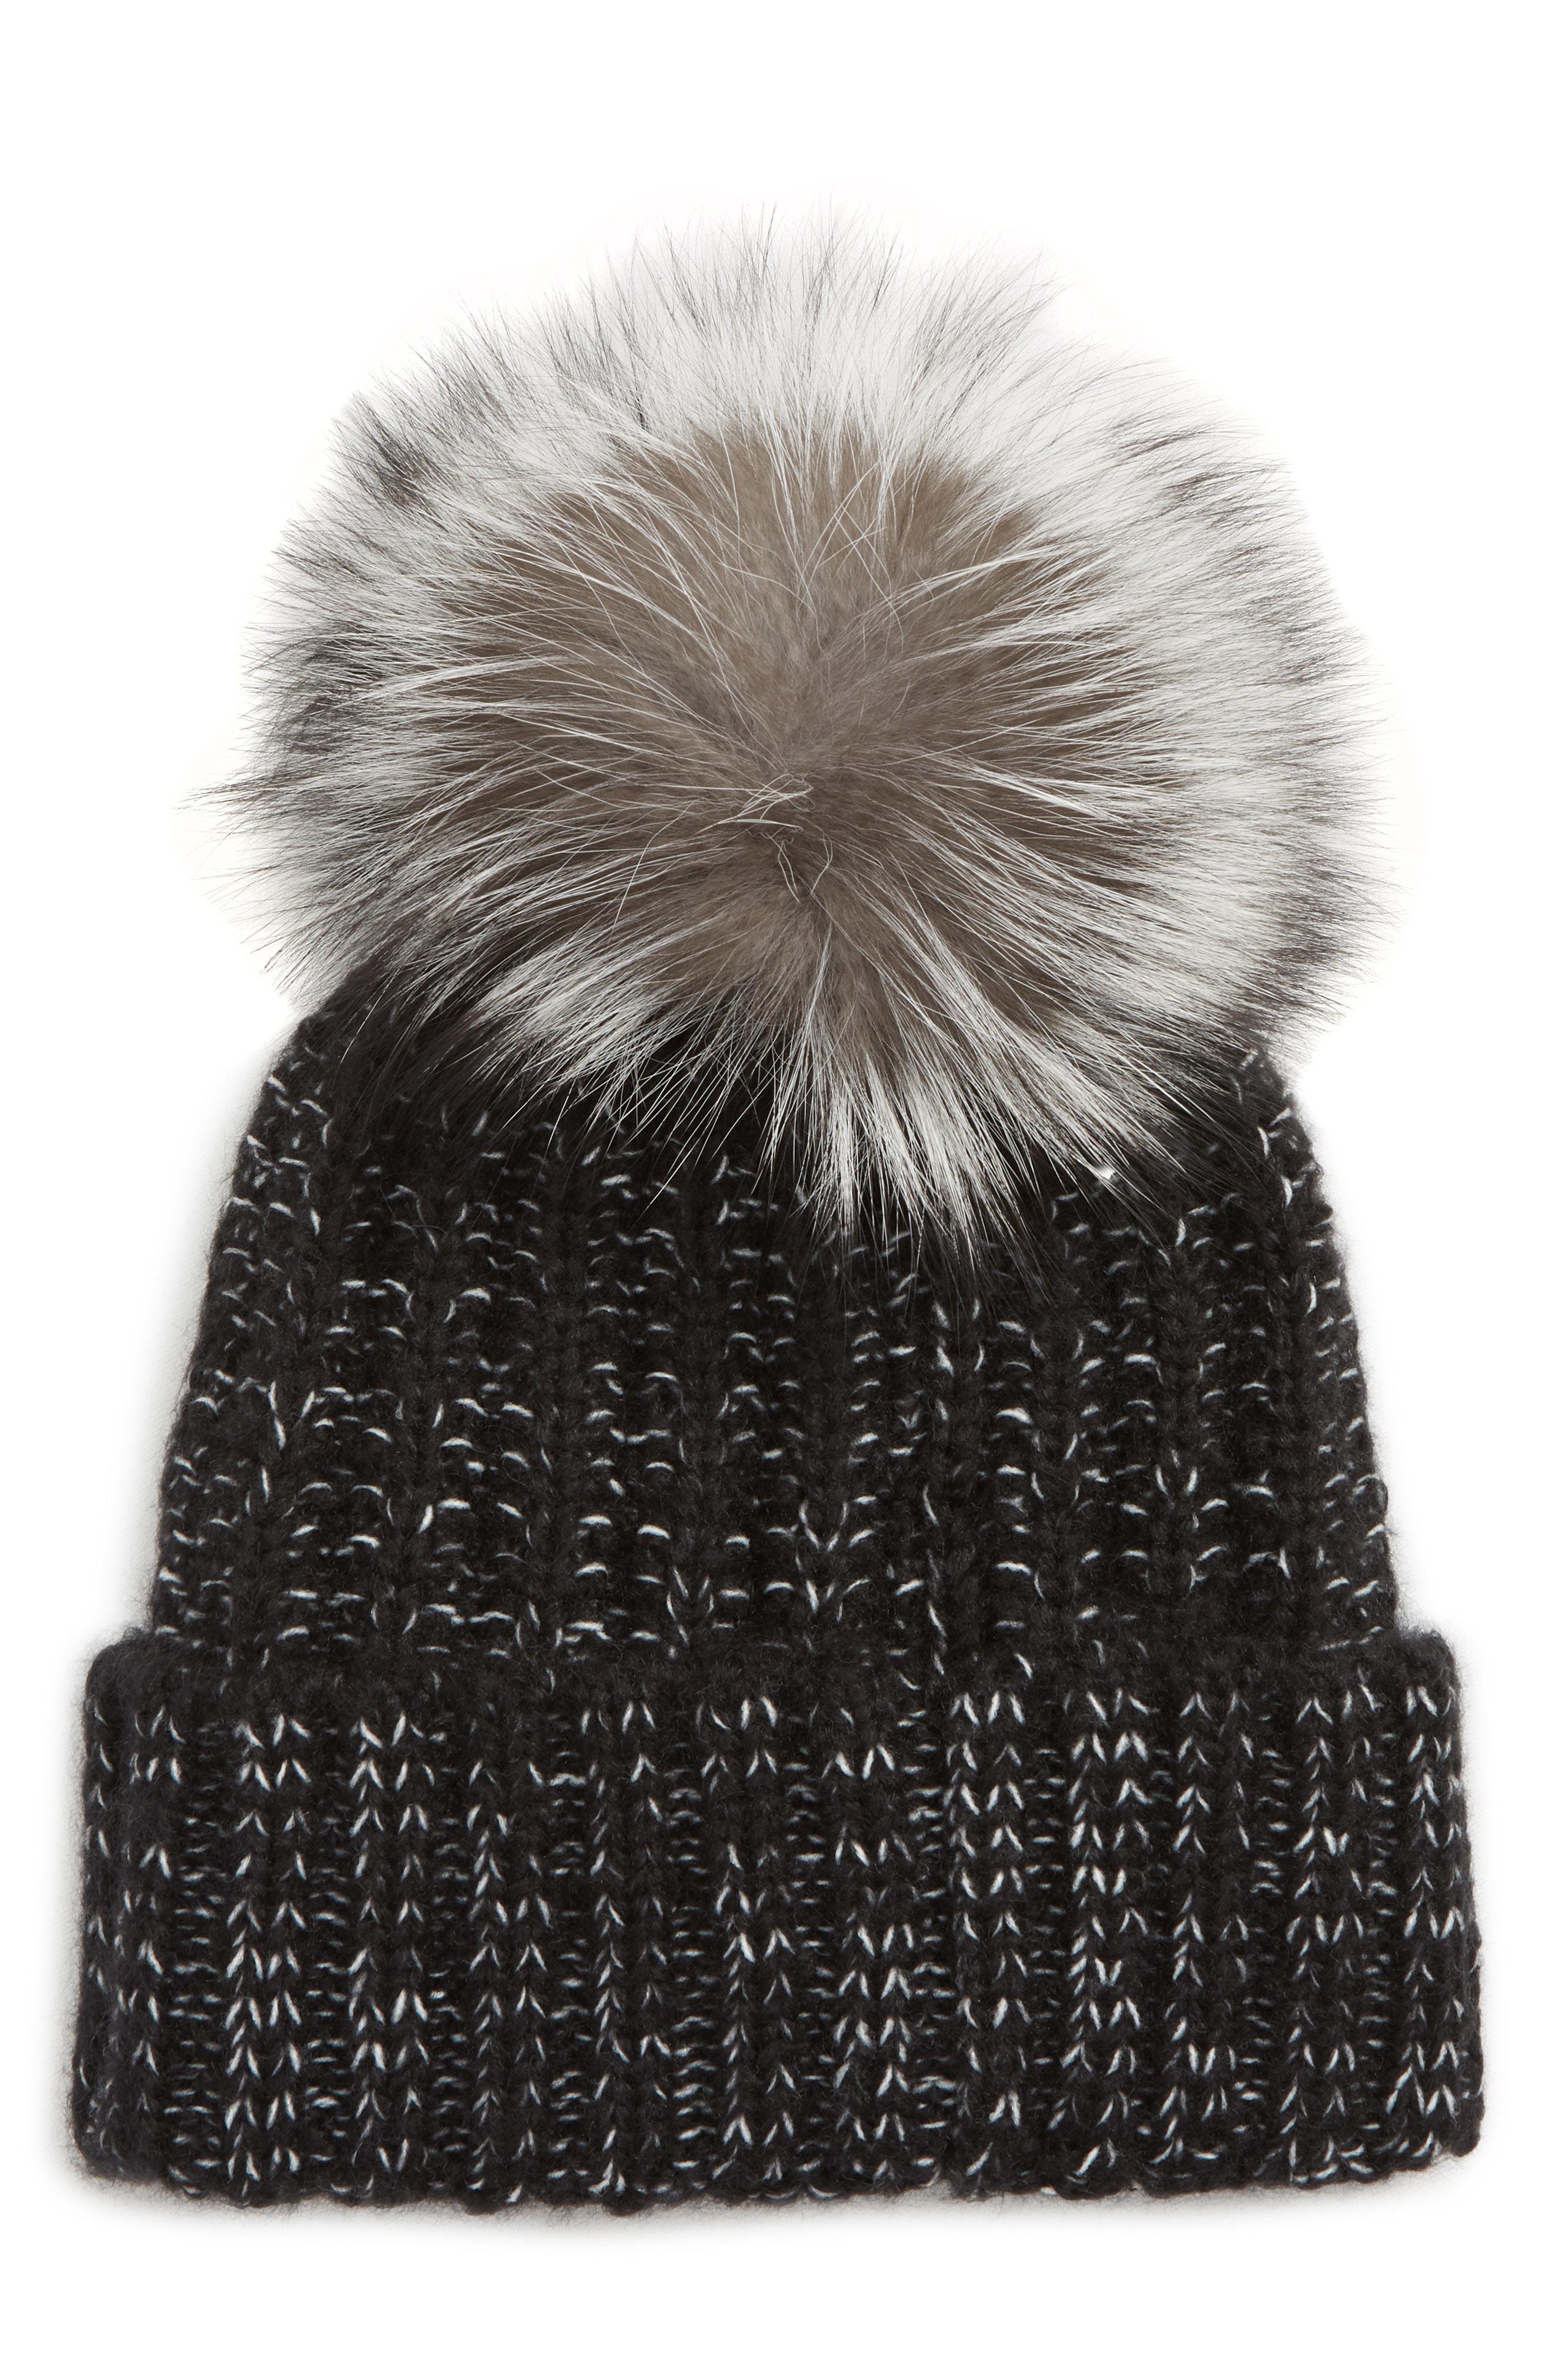 2f252ea880d93 Lyst - Kyi Kyi Beanie With Genuine Fox Fur Pom -